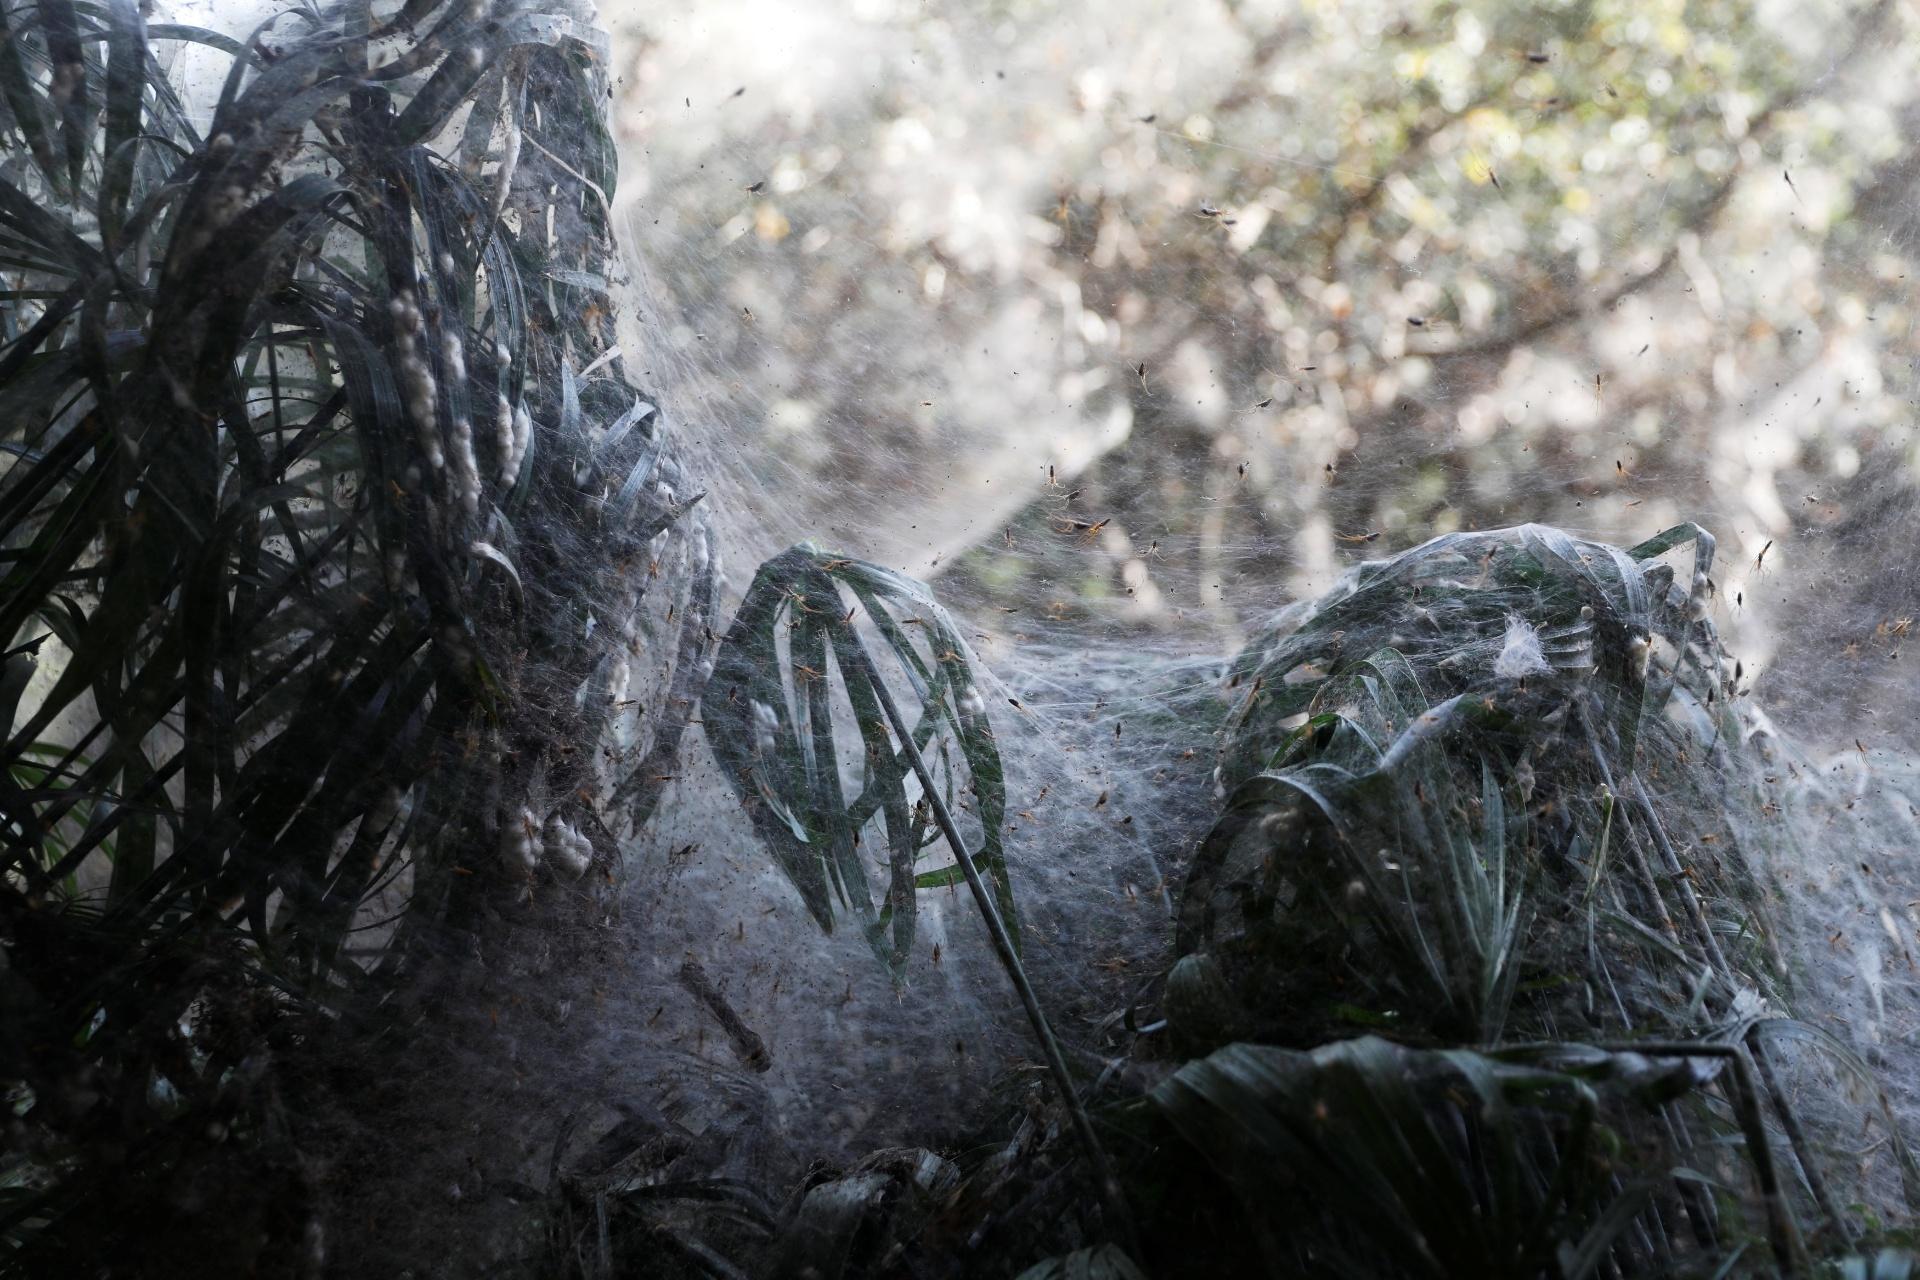 8.nov.2017 - Armicach conta que milhares de aranhas de mandíbulas longas criaram a teia que envolve a floresta, fenômeno raramente visto no Oriente Médio